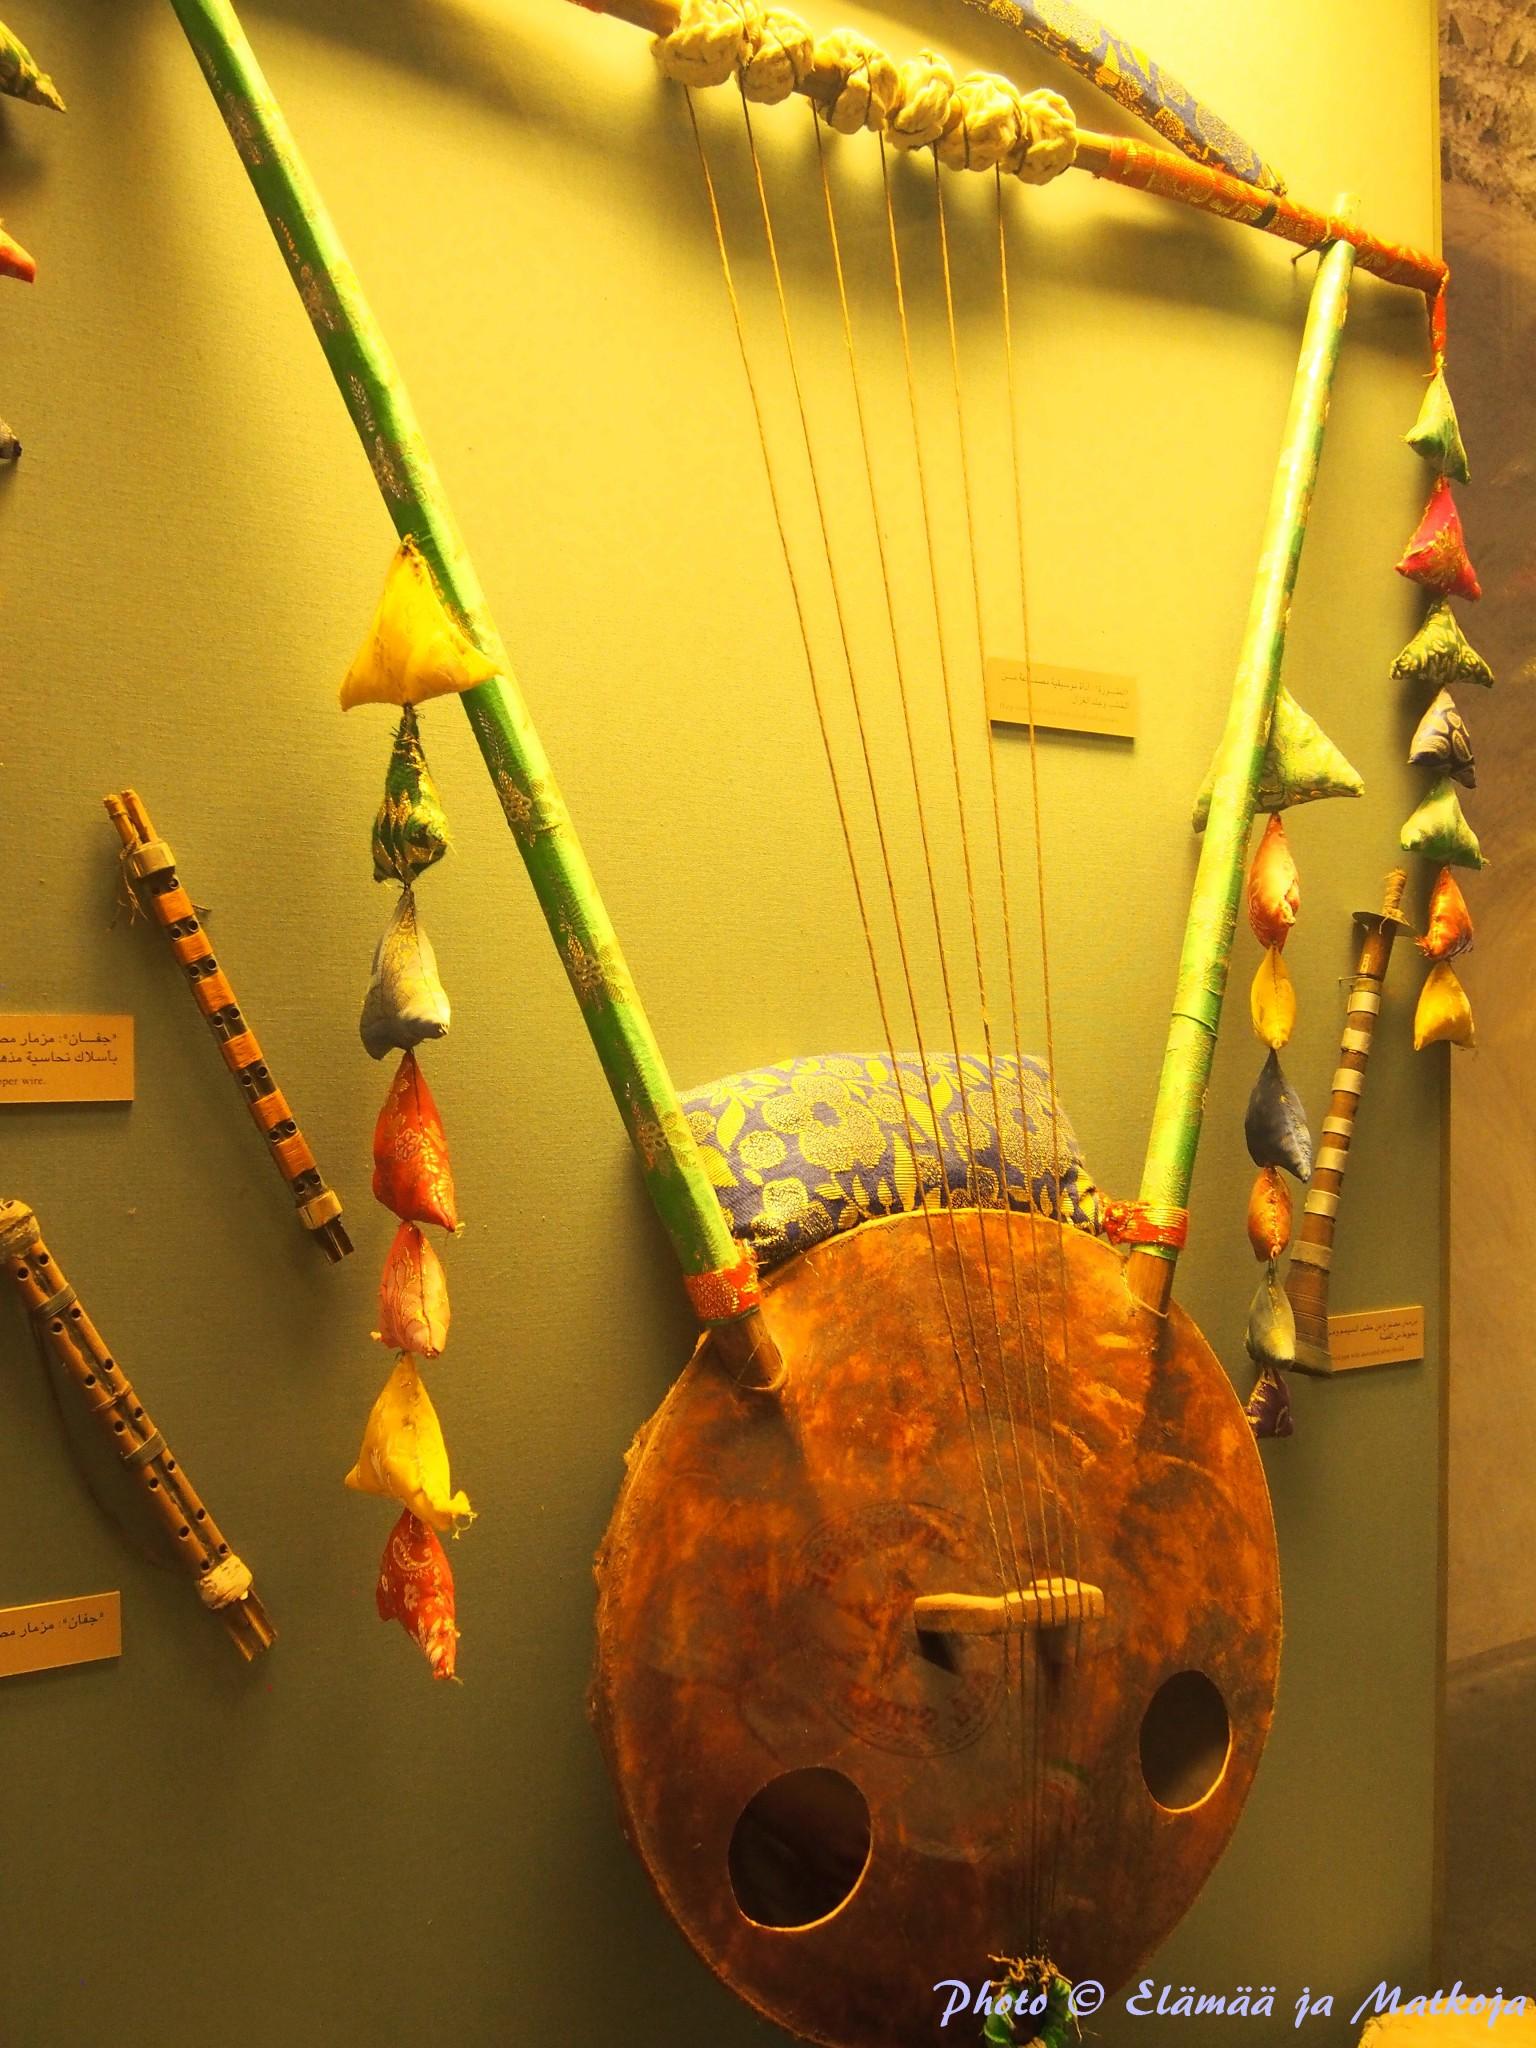 Dubai Museum 13 Photo © Elämää ja Matkoja